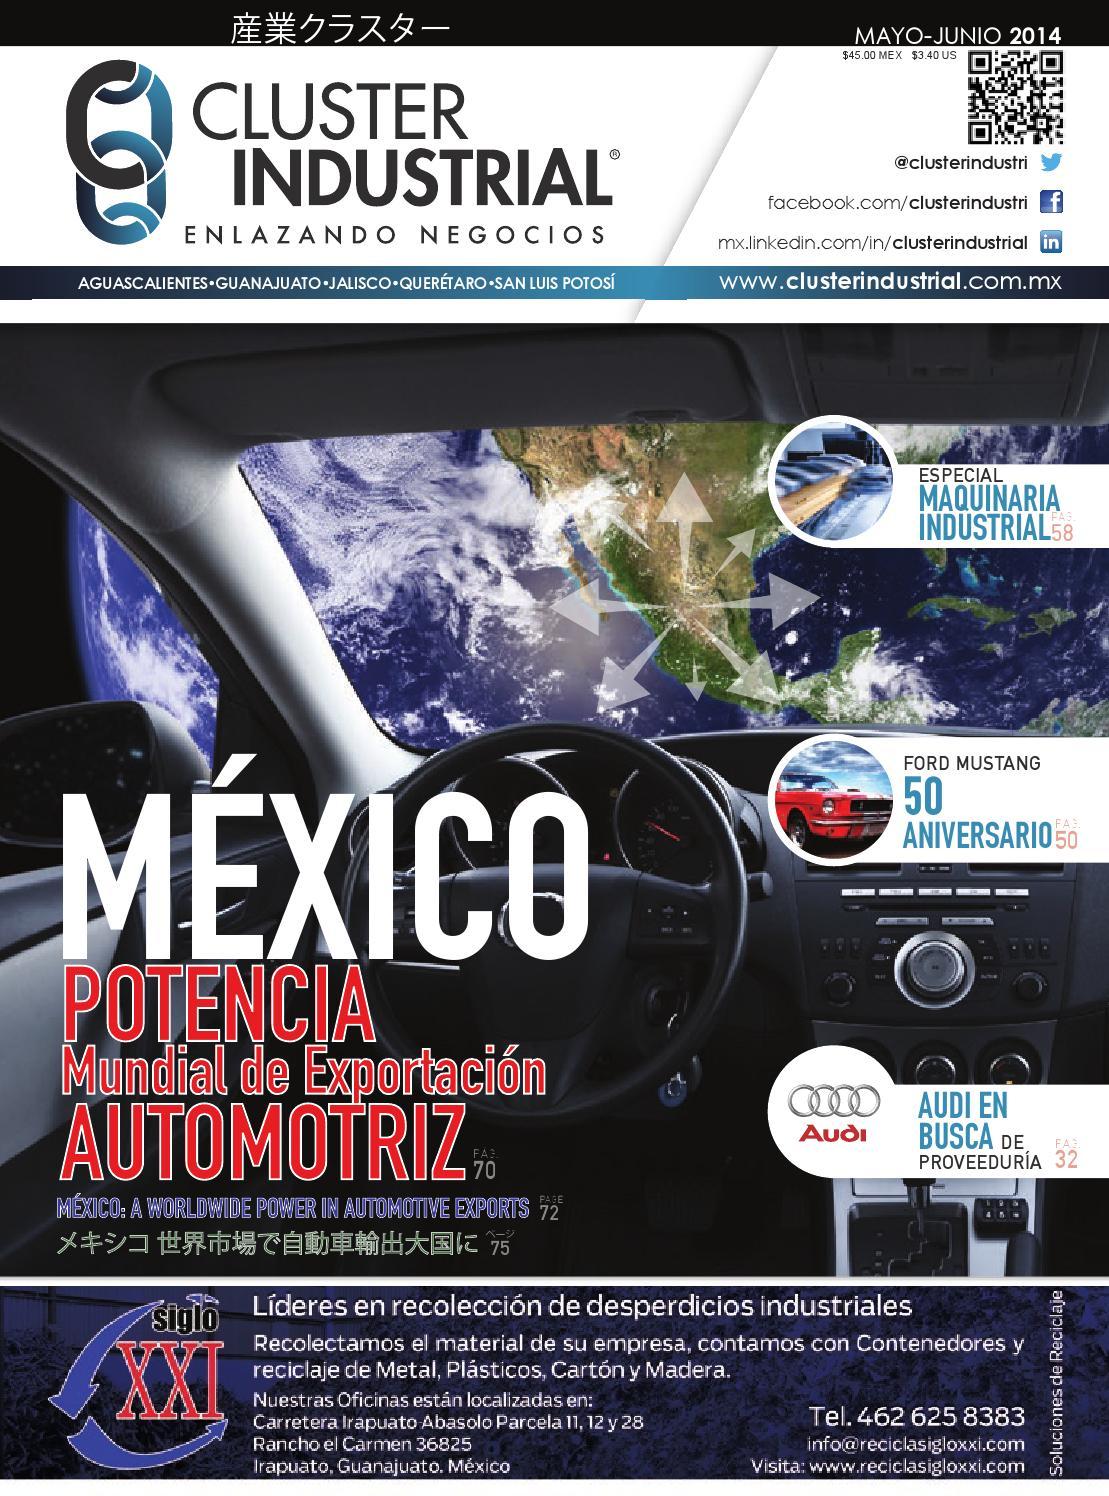 Edición 10  Mayo-Junio 2014 by Cluster Industrial - issuu 5ccbec66cb8f5